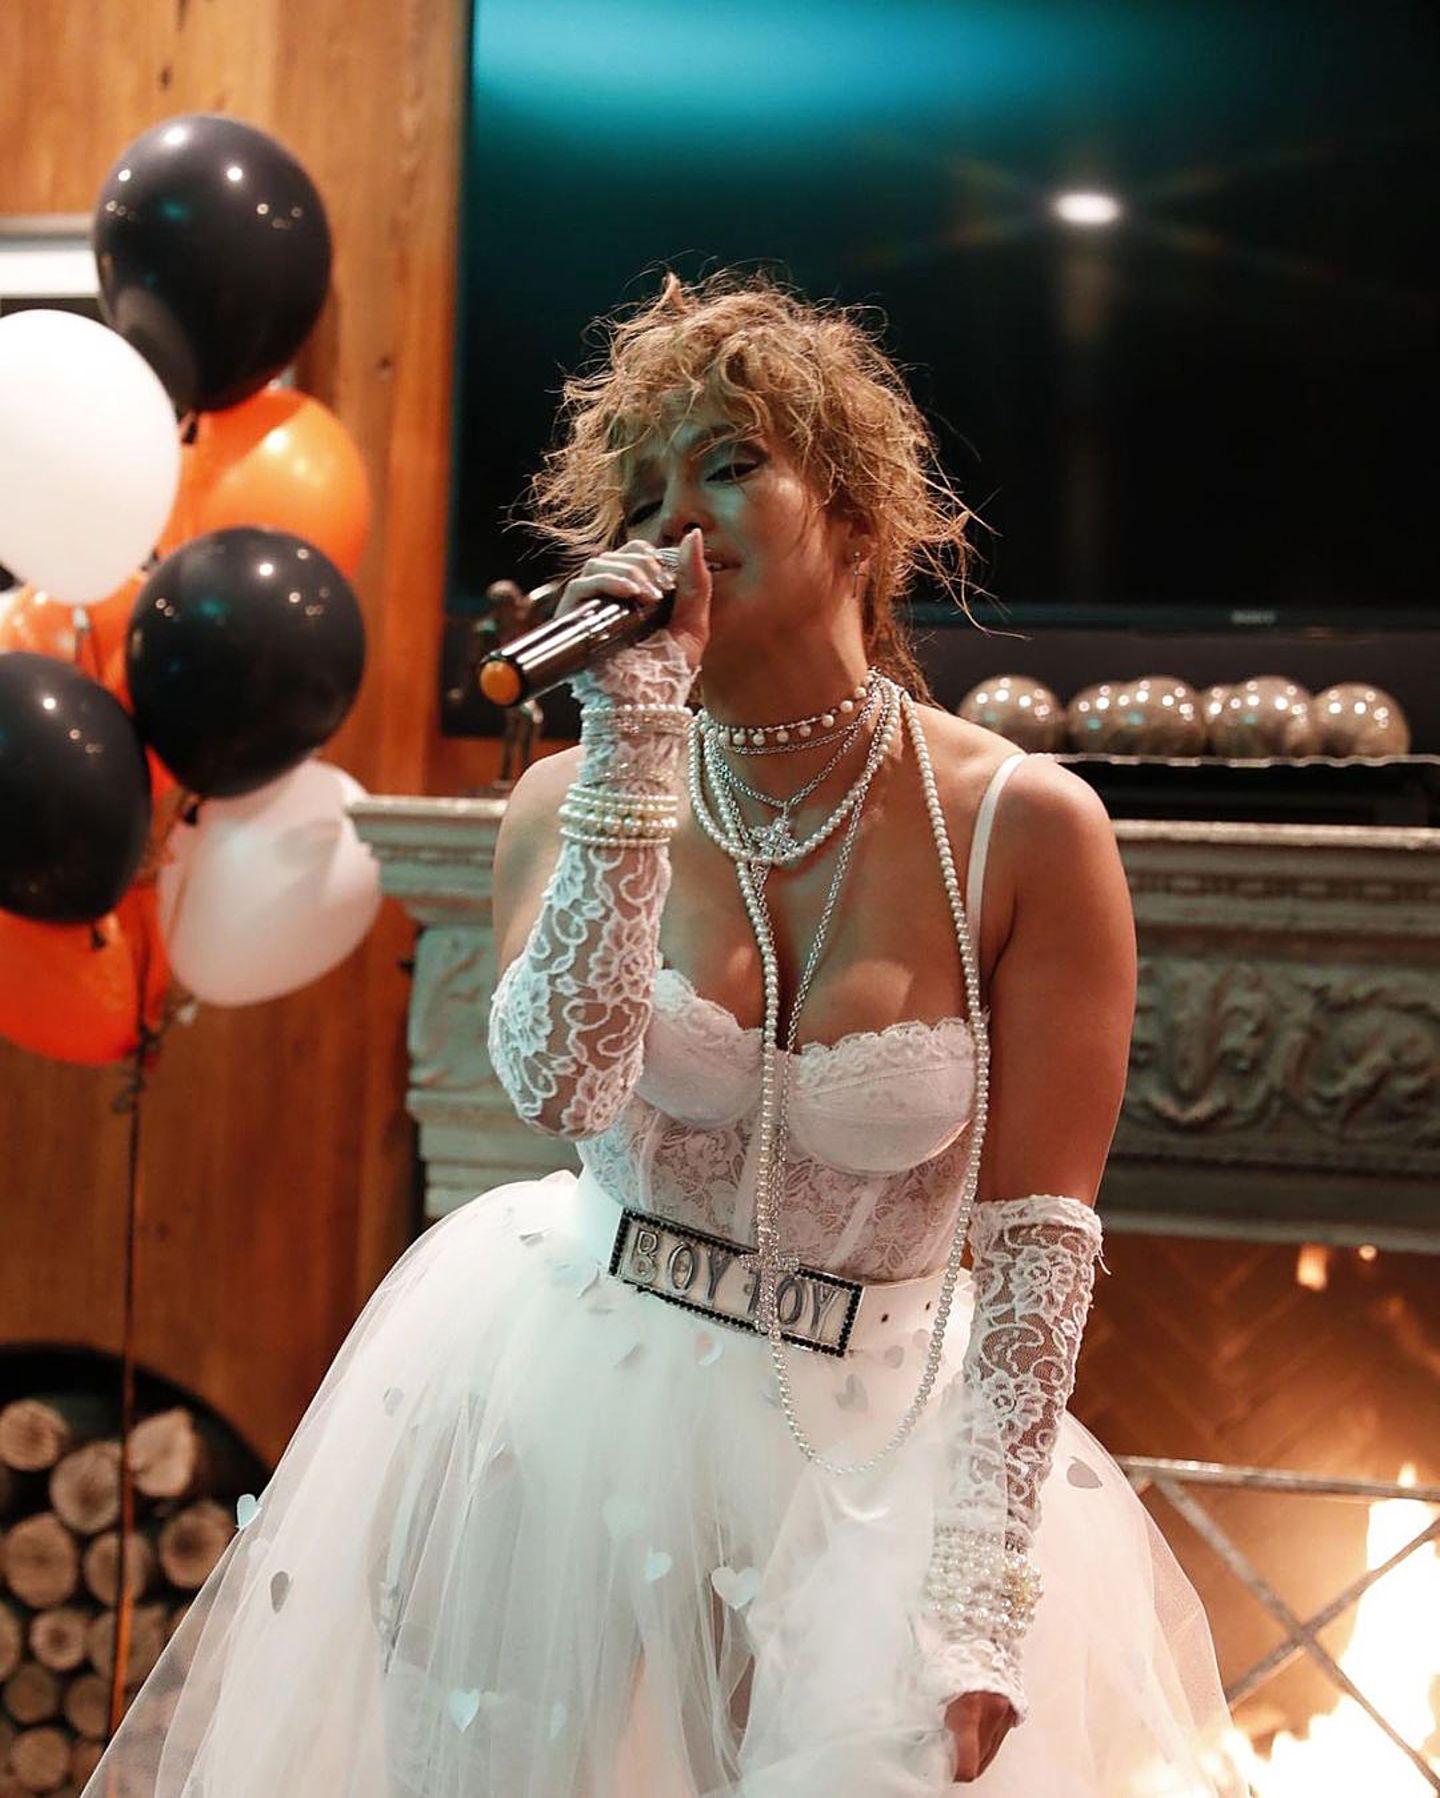 """Wenn das mal nicht eine Hommage von einer Diva zur anderen ist:Für das diesjährige Halloween-Fest, lässt Jennifer Lopez den legendären """"Like A Virgin""""-Look von Madonna wieder aufleben und gibt dazu noch ihren Hit-Song """"Crazy For You"""" zum Besten."""